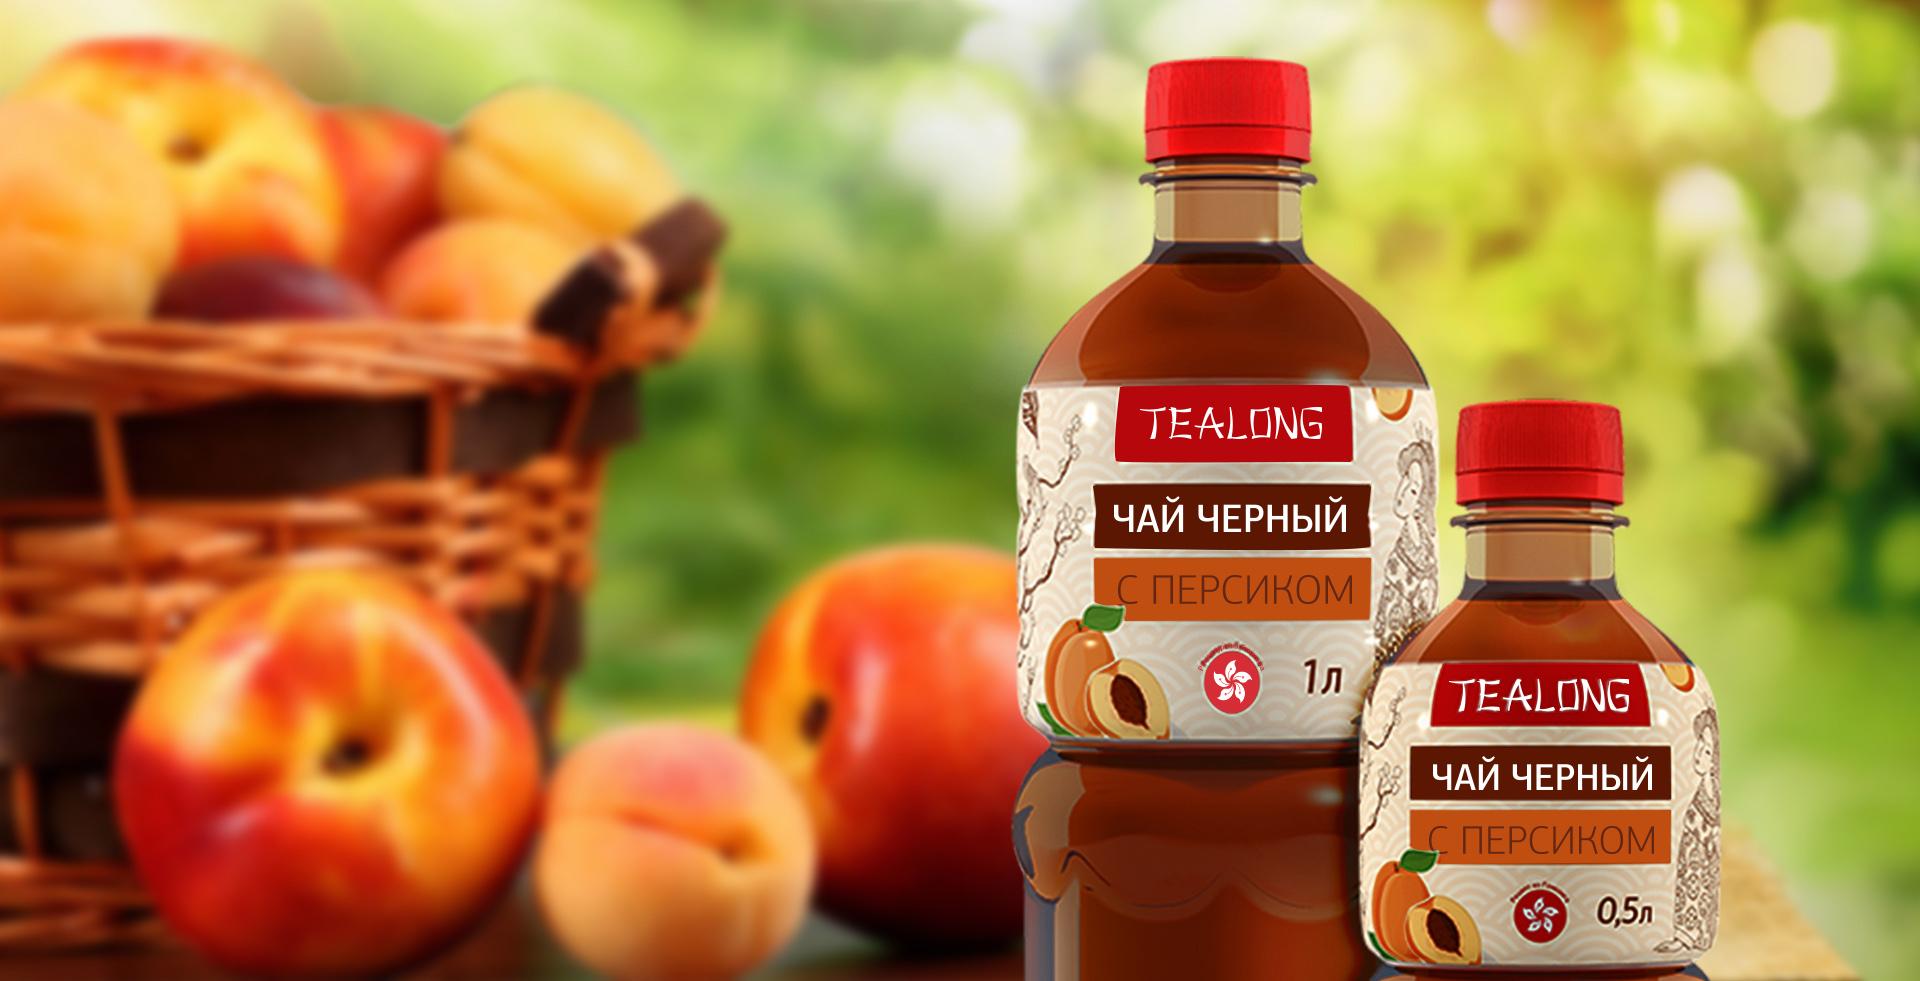 Дизайн бутылки and этикетки для холодного чая, Ice tea bottle and label design